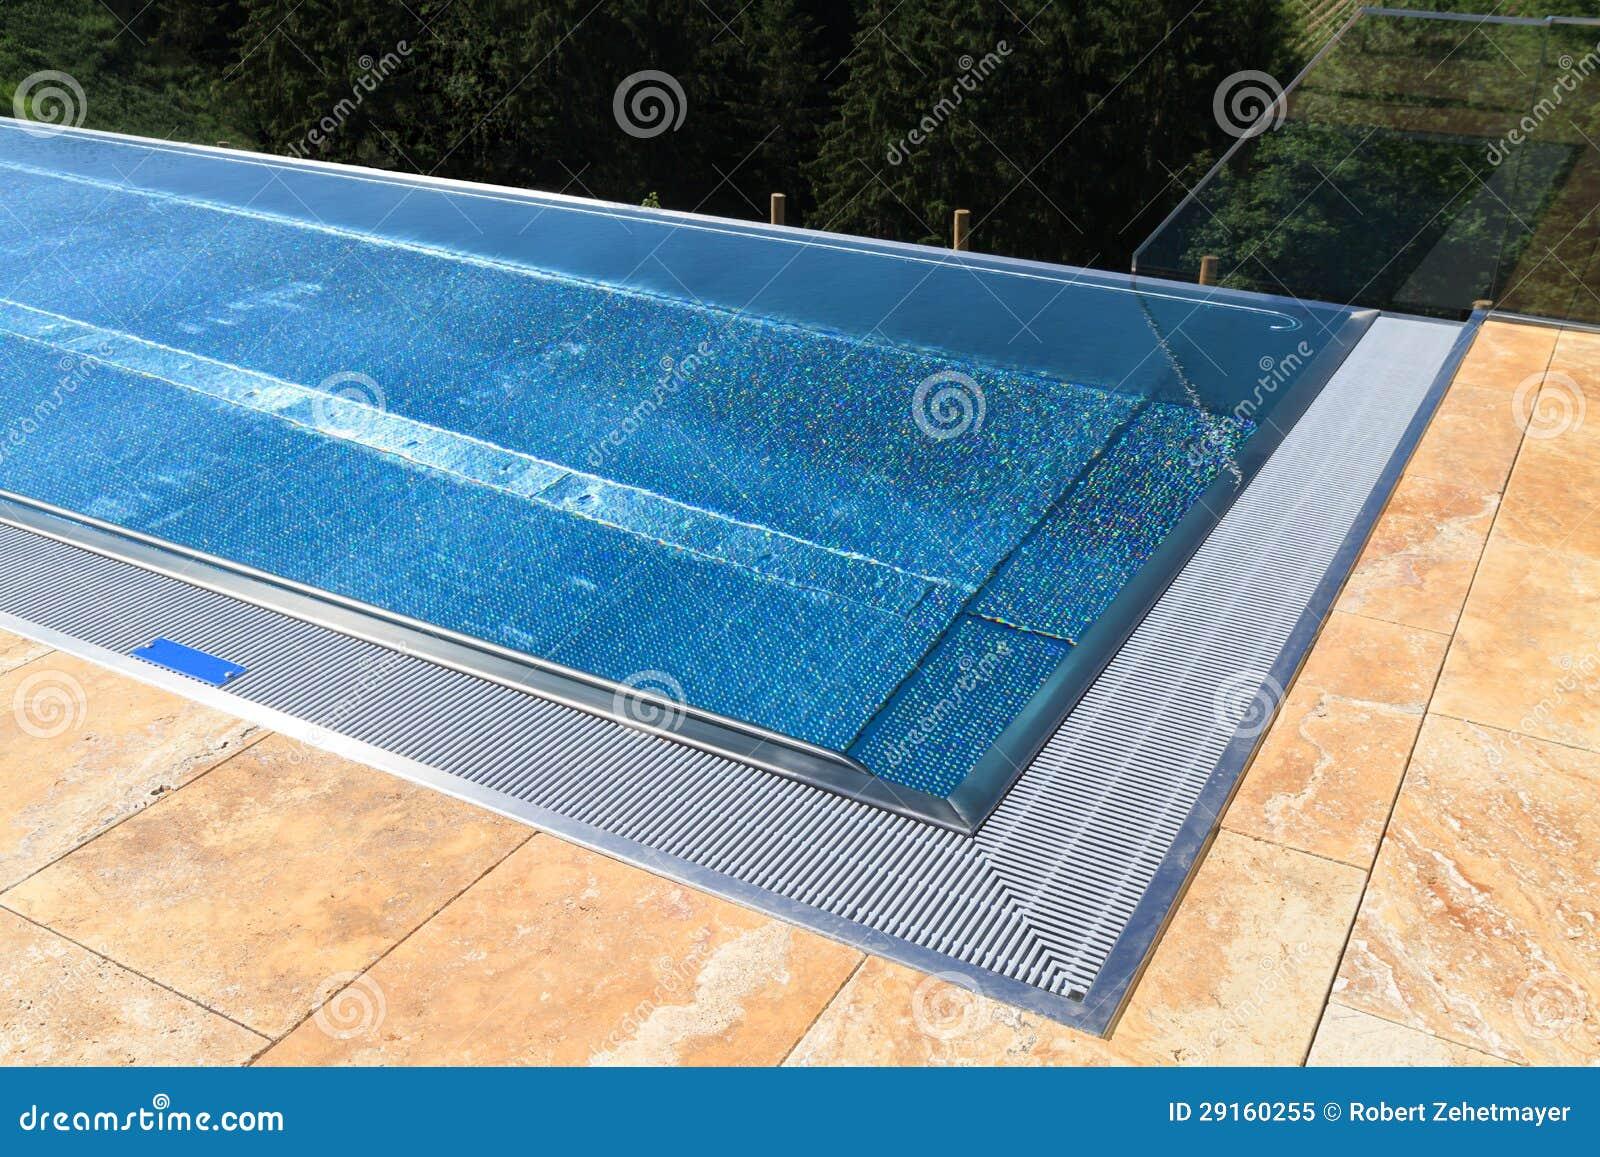 piscine moderne image stock image du fond manoir beau 29160255. Black Bedroom Furniture Sets. Home Design Ideas